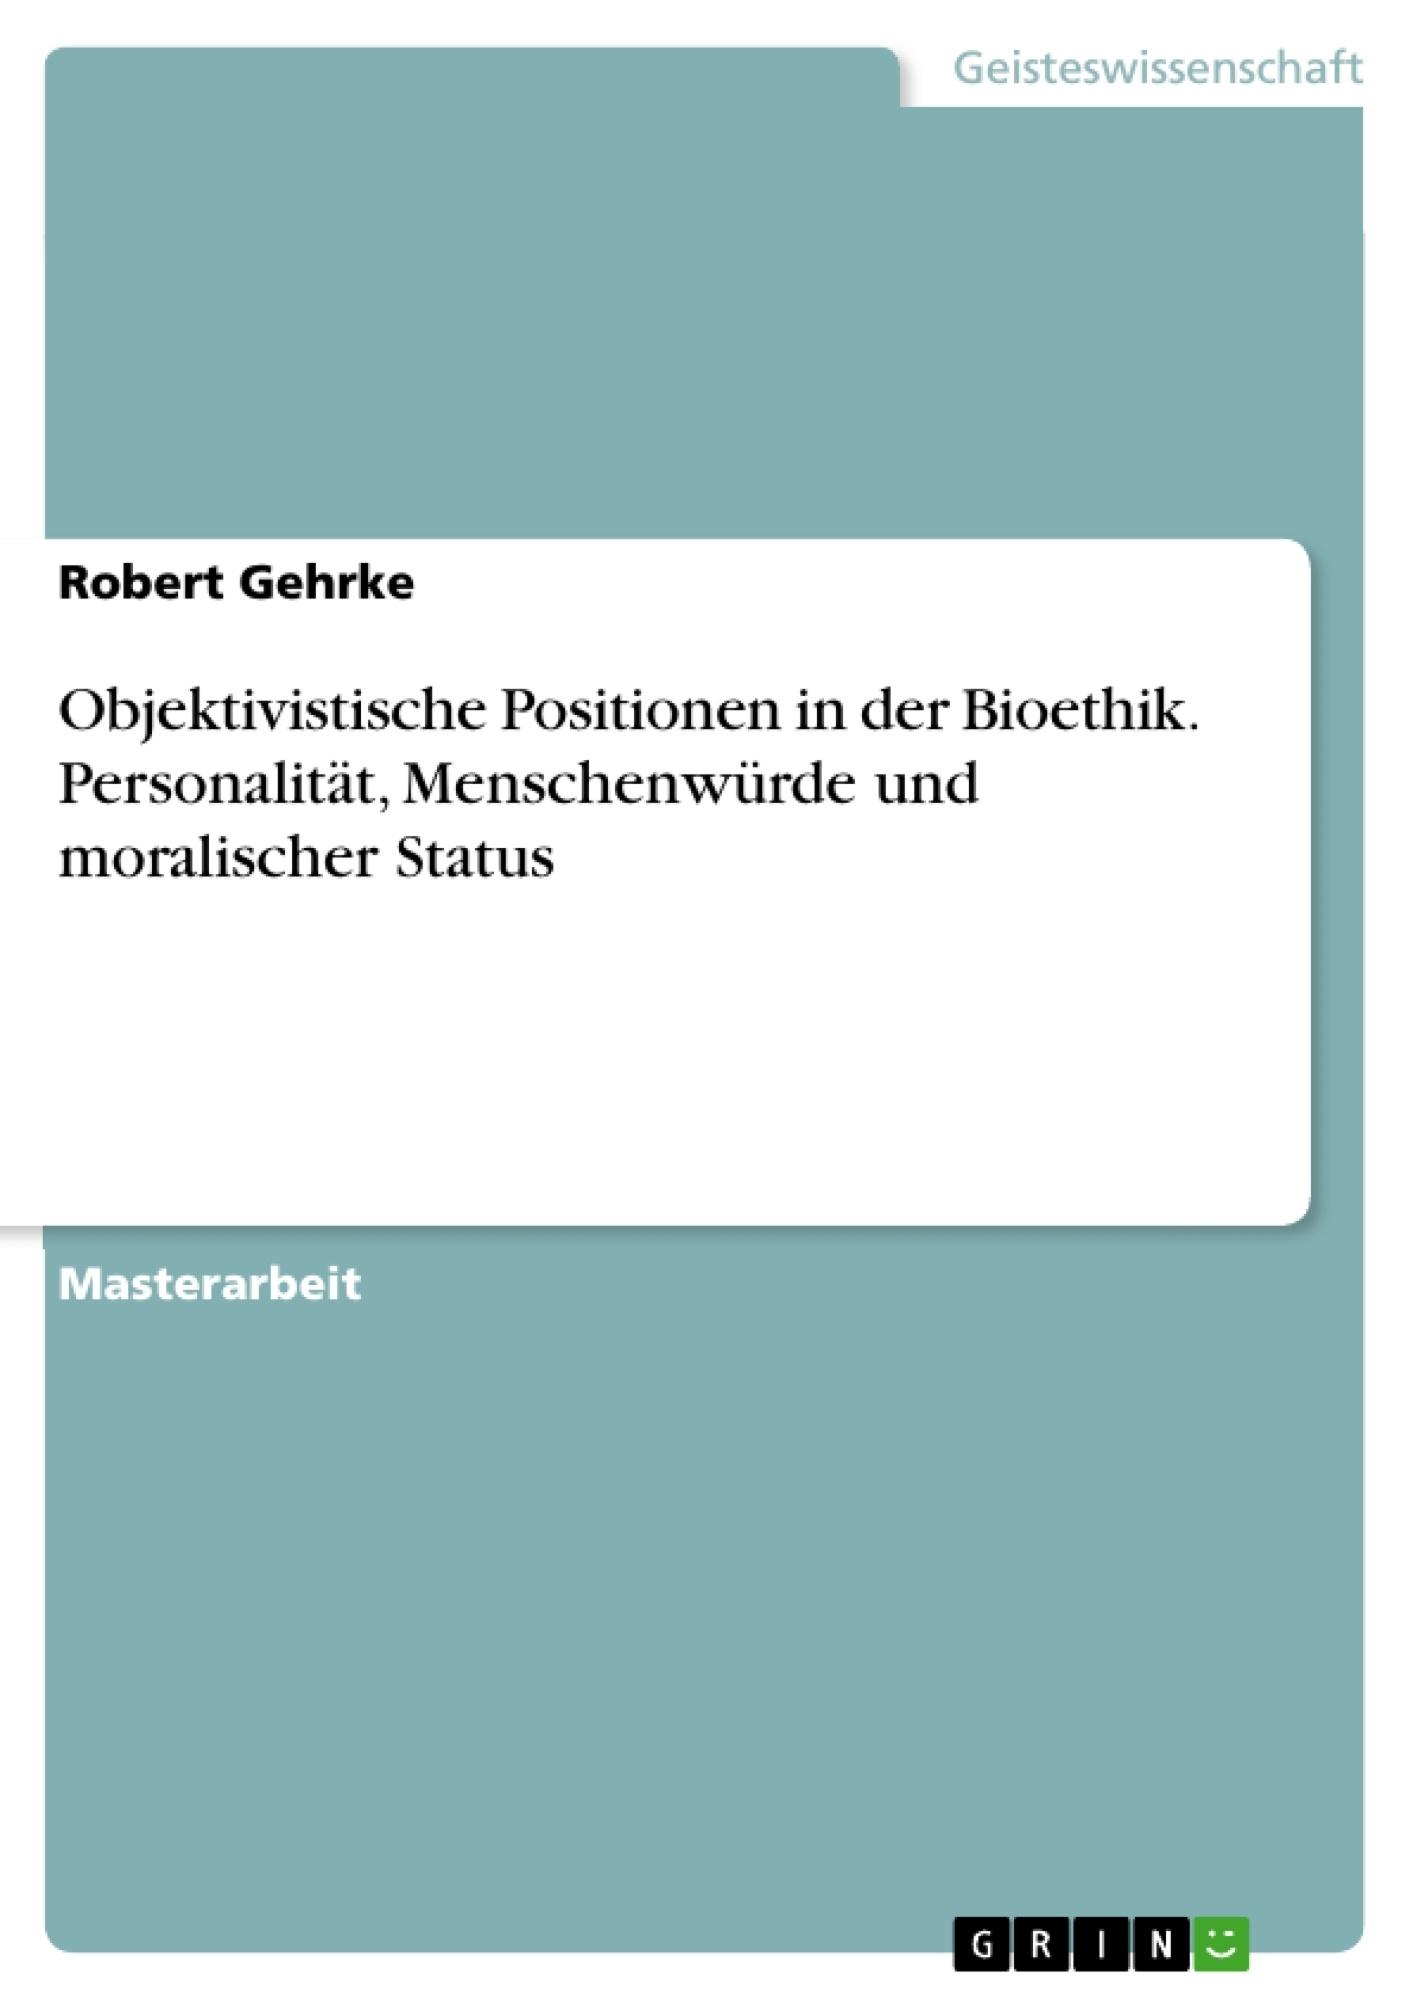 Titel: Objektivistische Positionen in der Bioethik. Personalität, Menschenwürde und moralischer Status